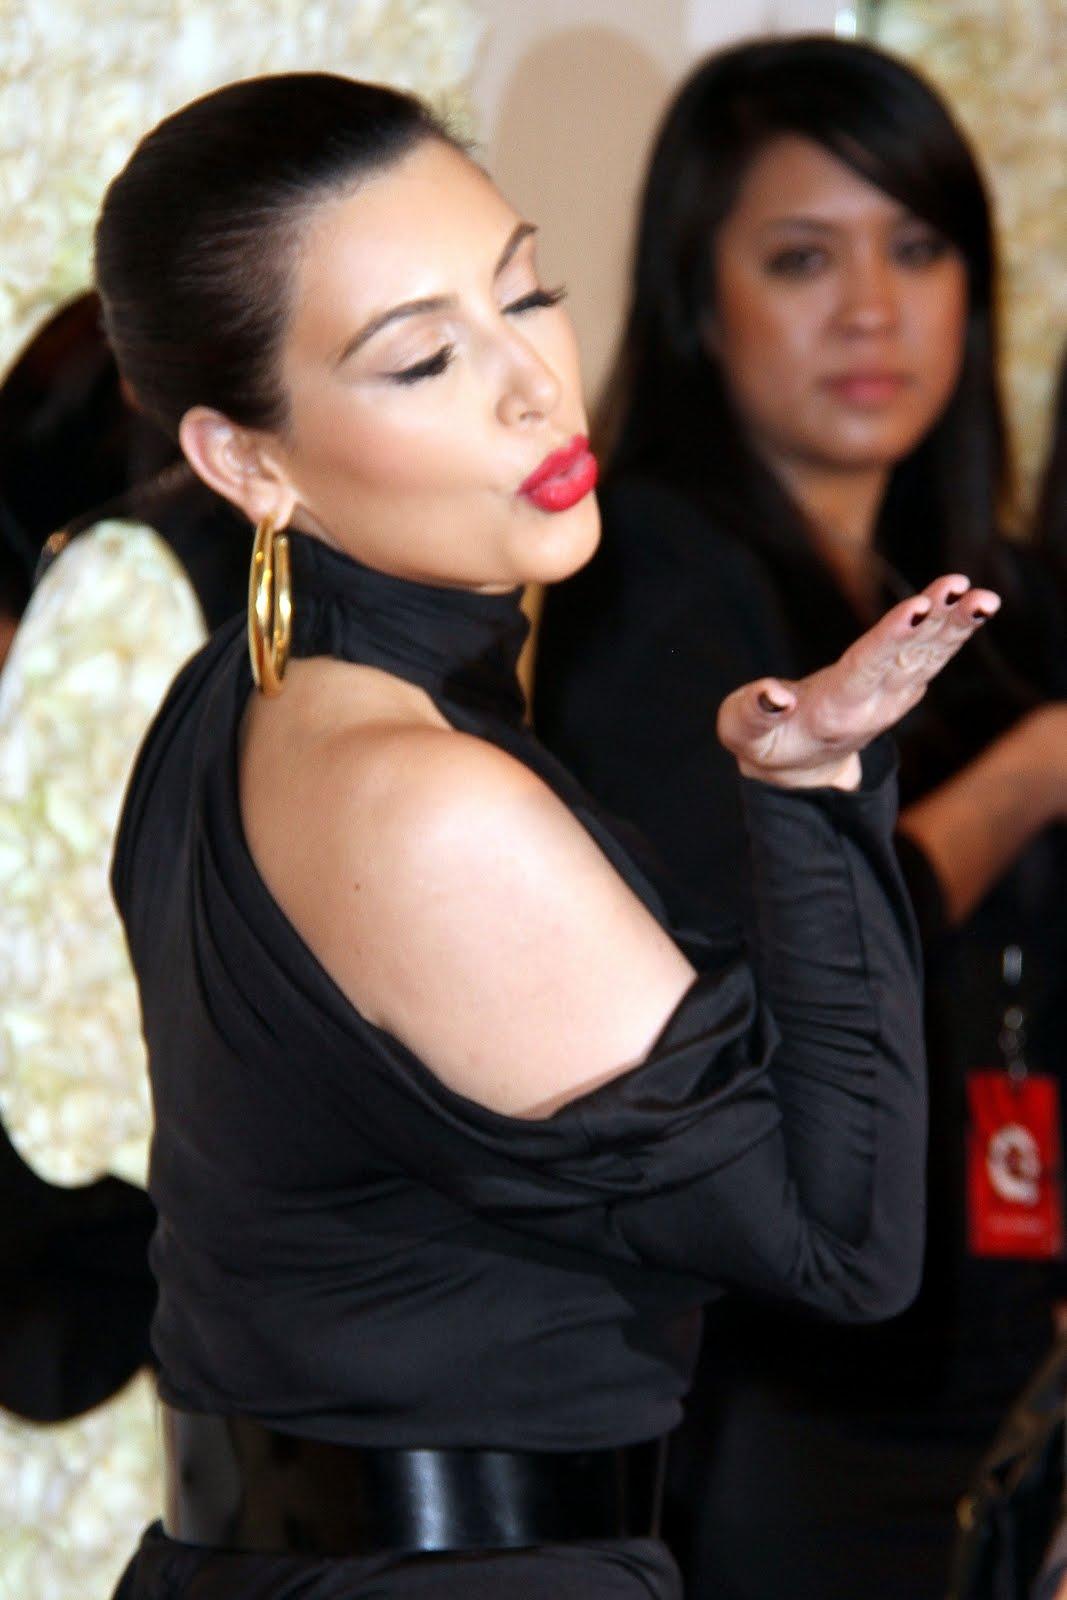 http://4.bp.blogspot.com/-W4E4Sd0lhok/T2hrQt_XwnI/AAAAAAAAMbc/NL2b8wyU_z4/s1600/sploogeblog_kim_kardashian_littleblackdess_12%2B-%2BCopy.jpg